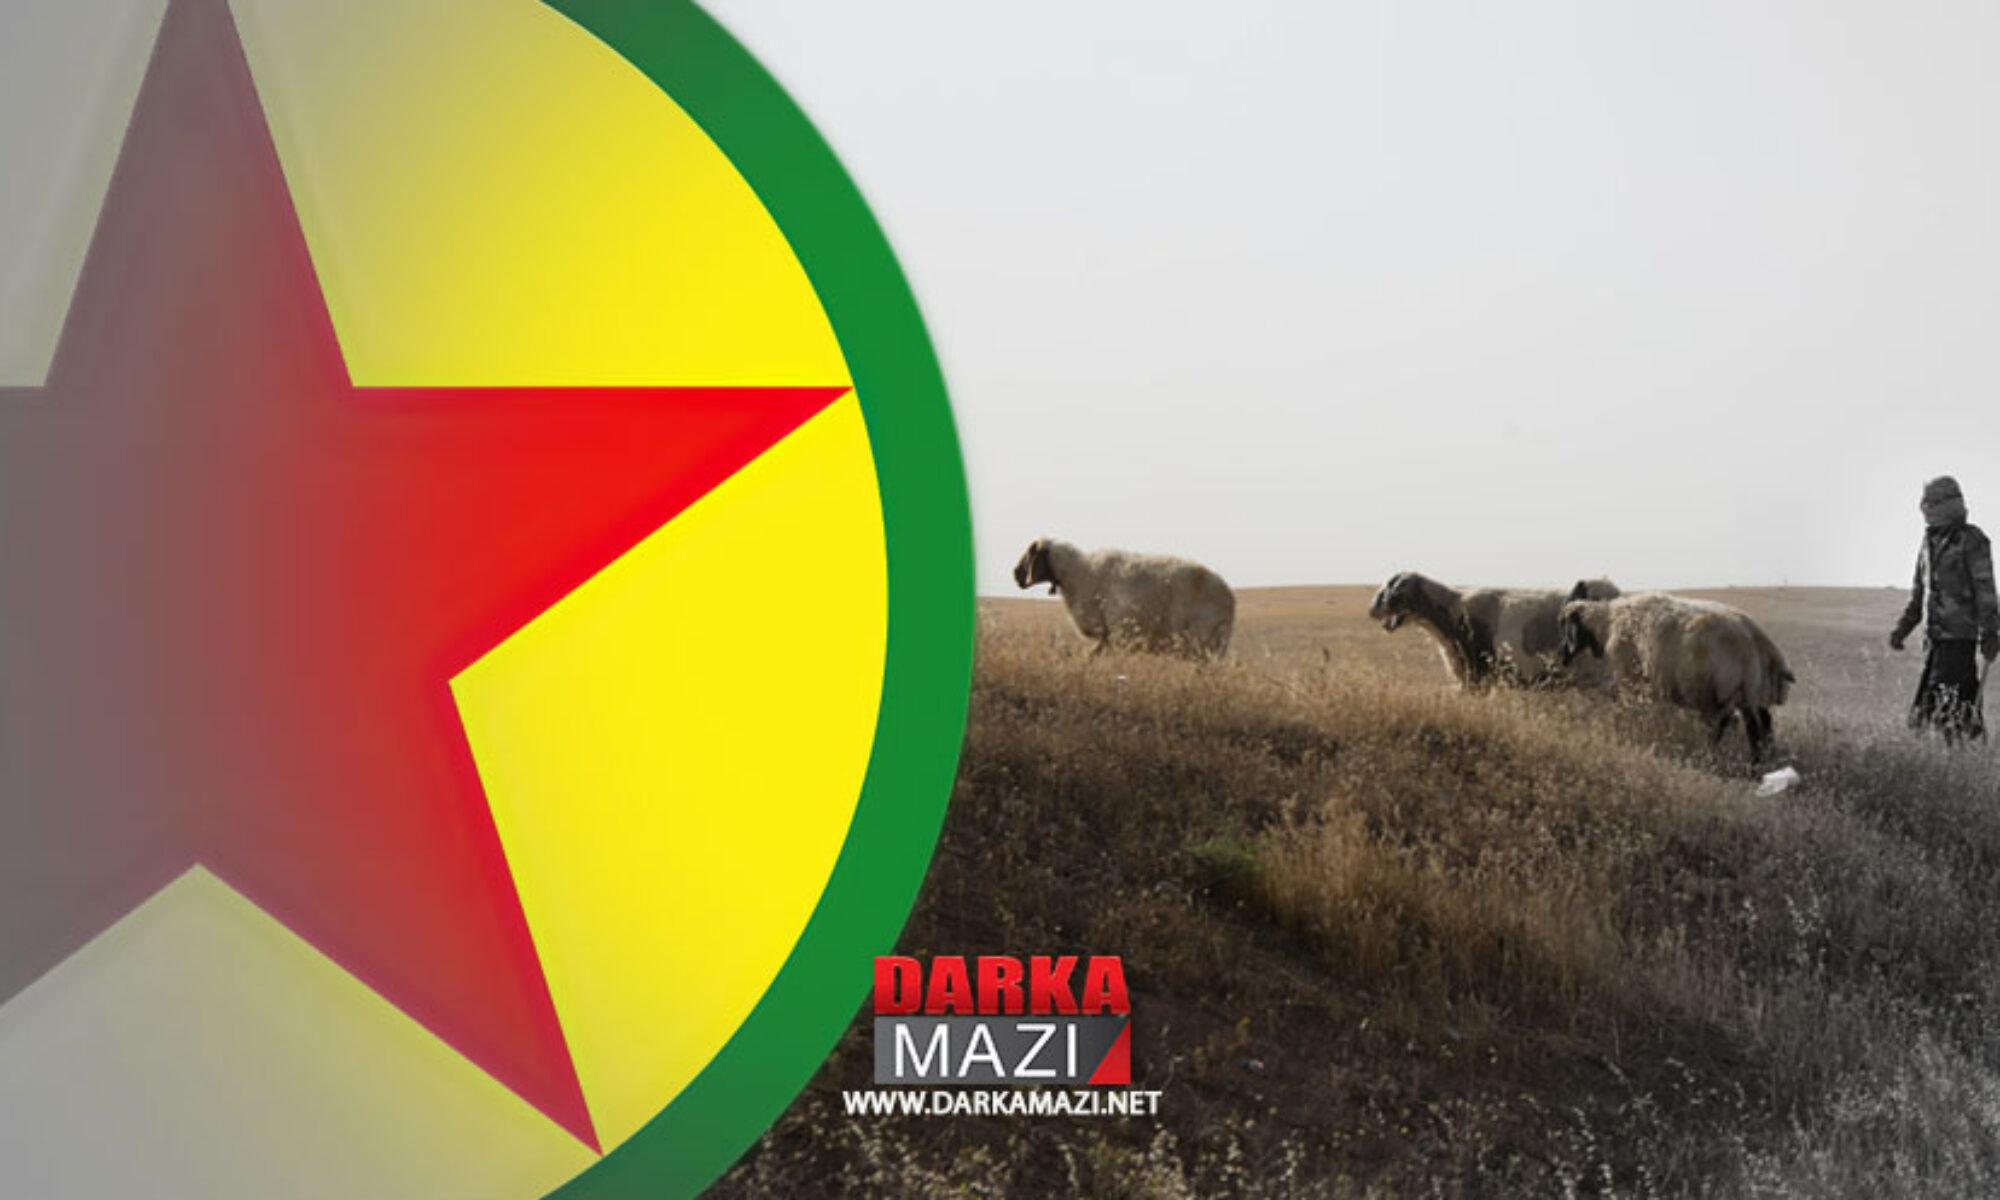 PKK sürü sahipleri ve çiftçilerden vergi adı altında haraç topluyor